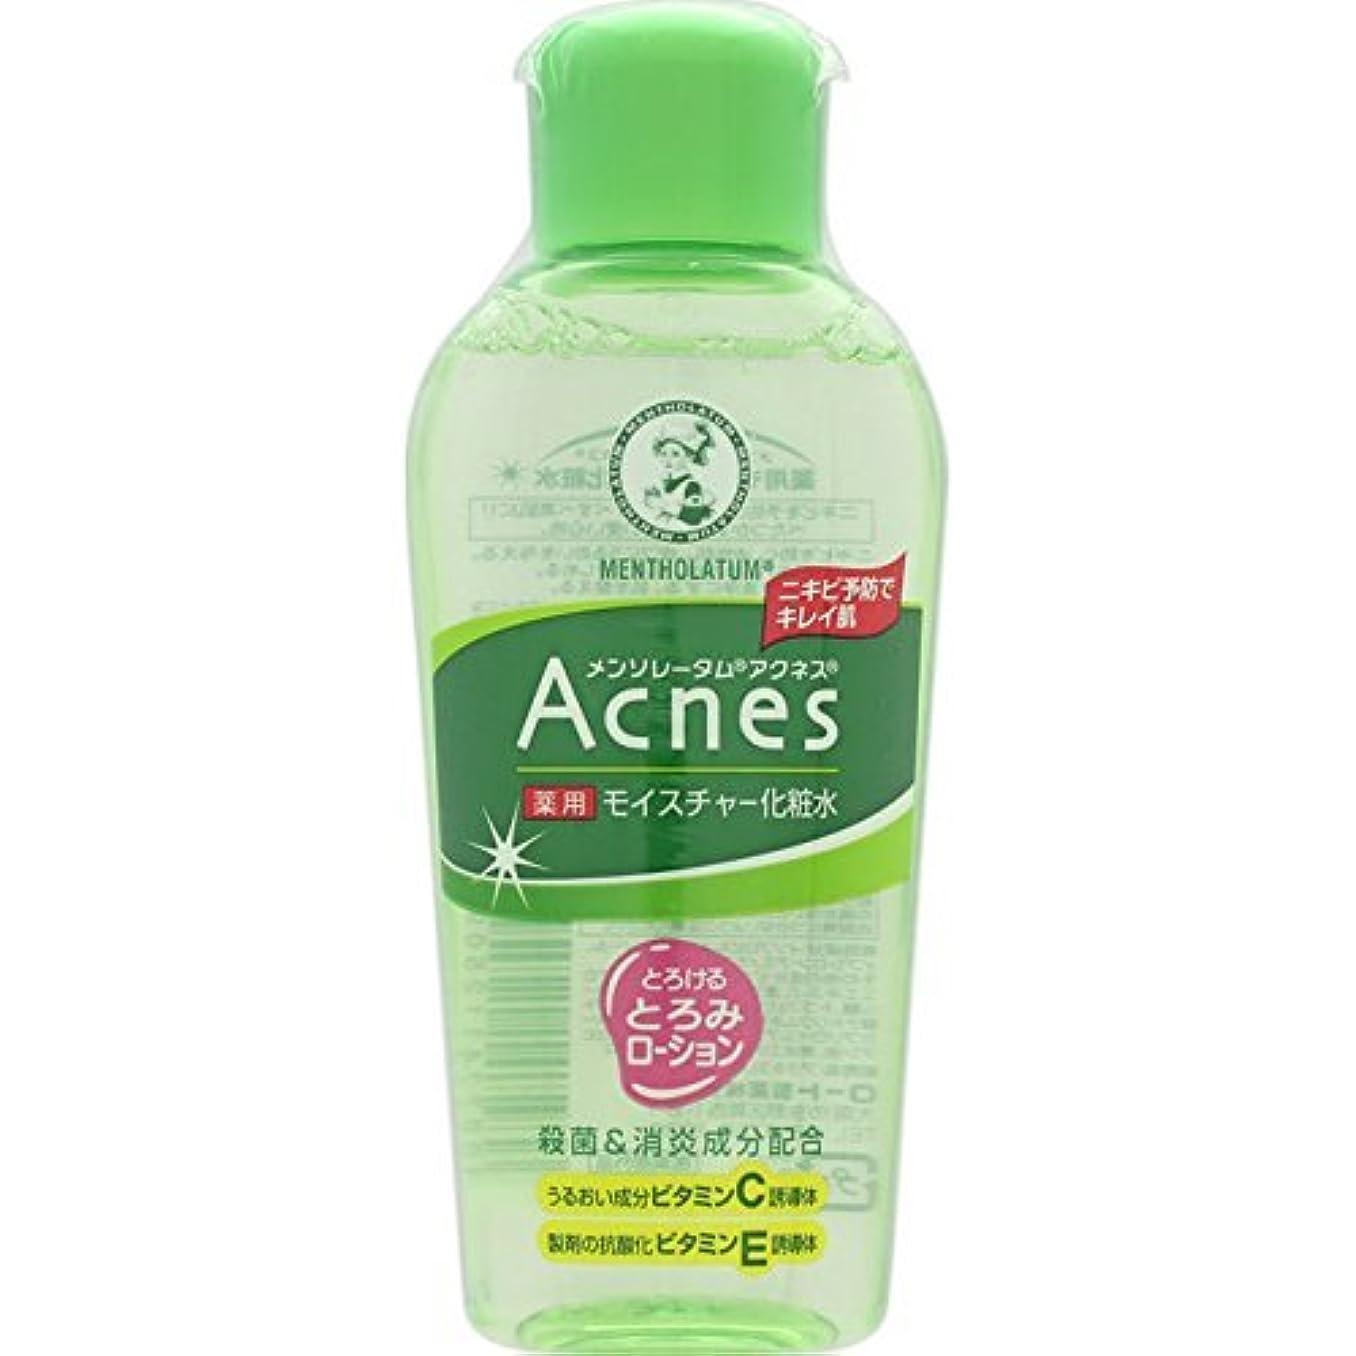 気怠いサーバントサージAcnes(アクネス) 薬用モイスチャー化粧水 120mL【医薬部外品】